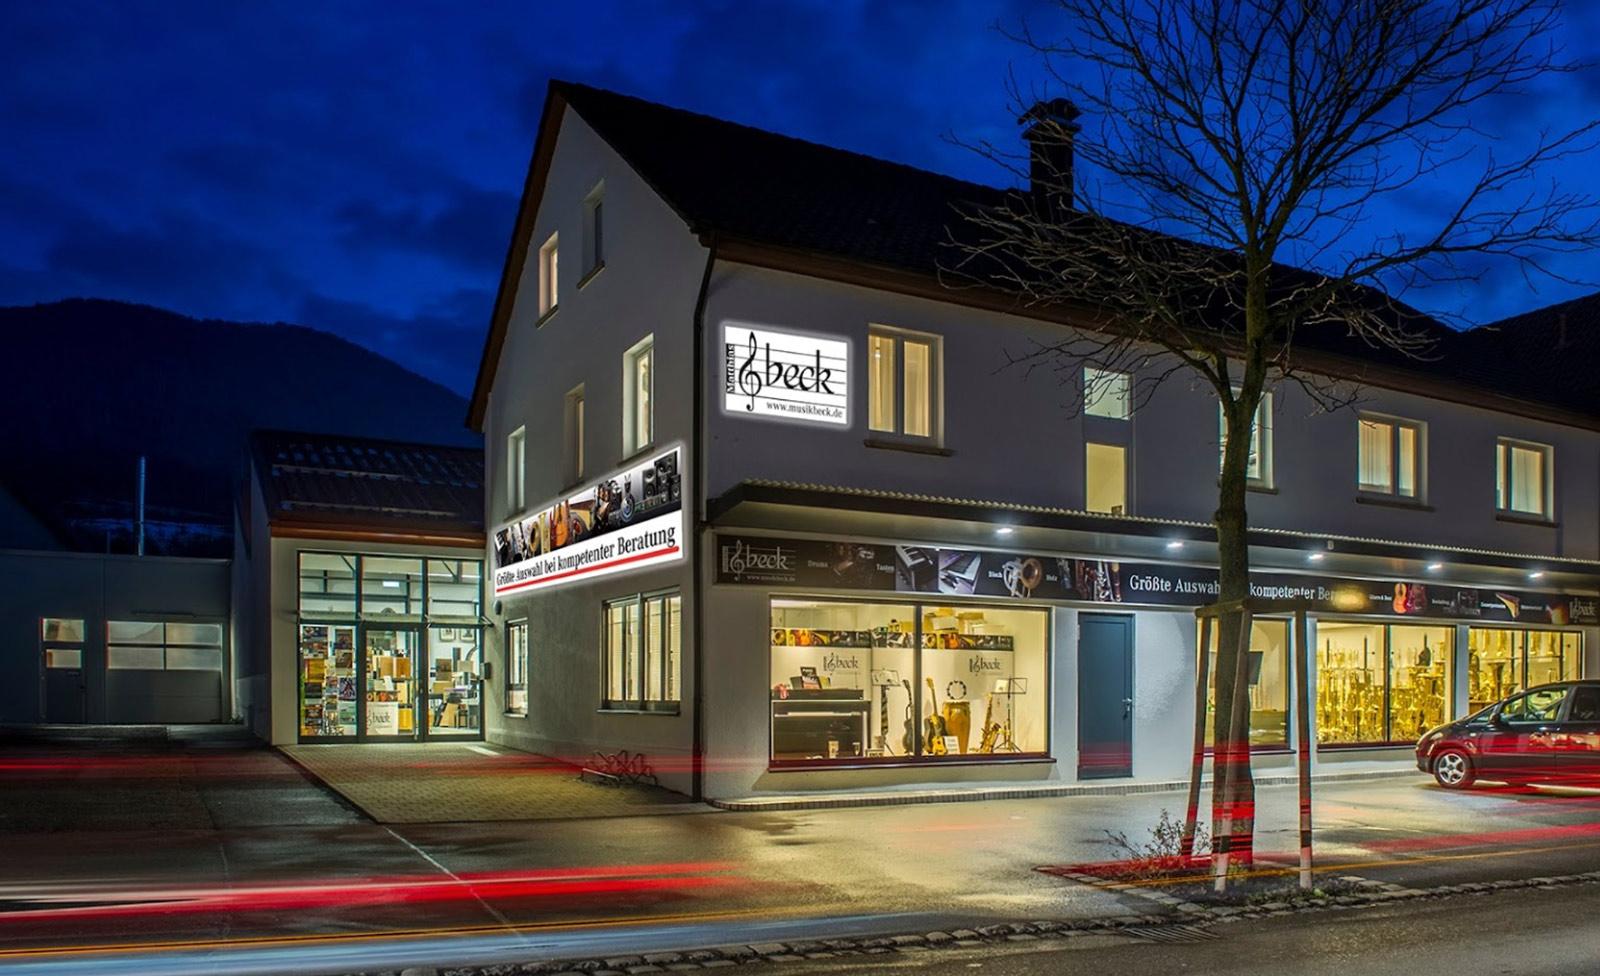 Musikhaus Beck mit großer Meisterwerkstatt. Größte Auswahl bei kompetenter Beratung. Viele Parkplätze direkt am Haus und in der direkten Umgebung.